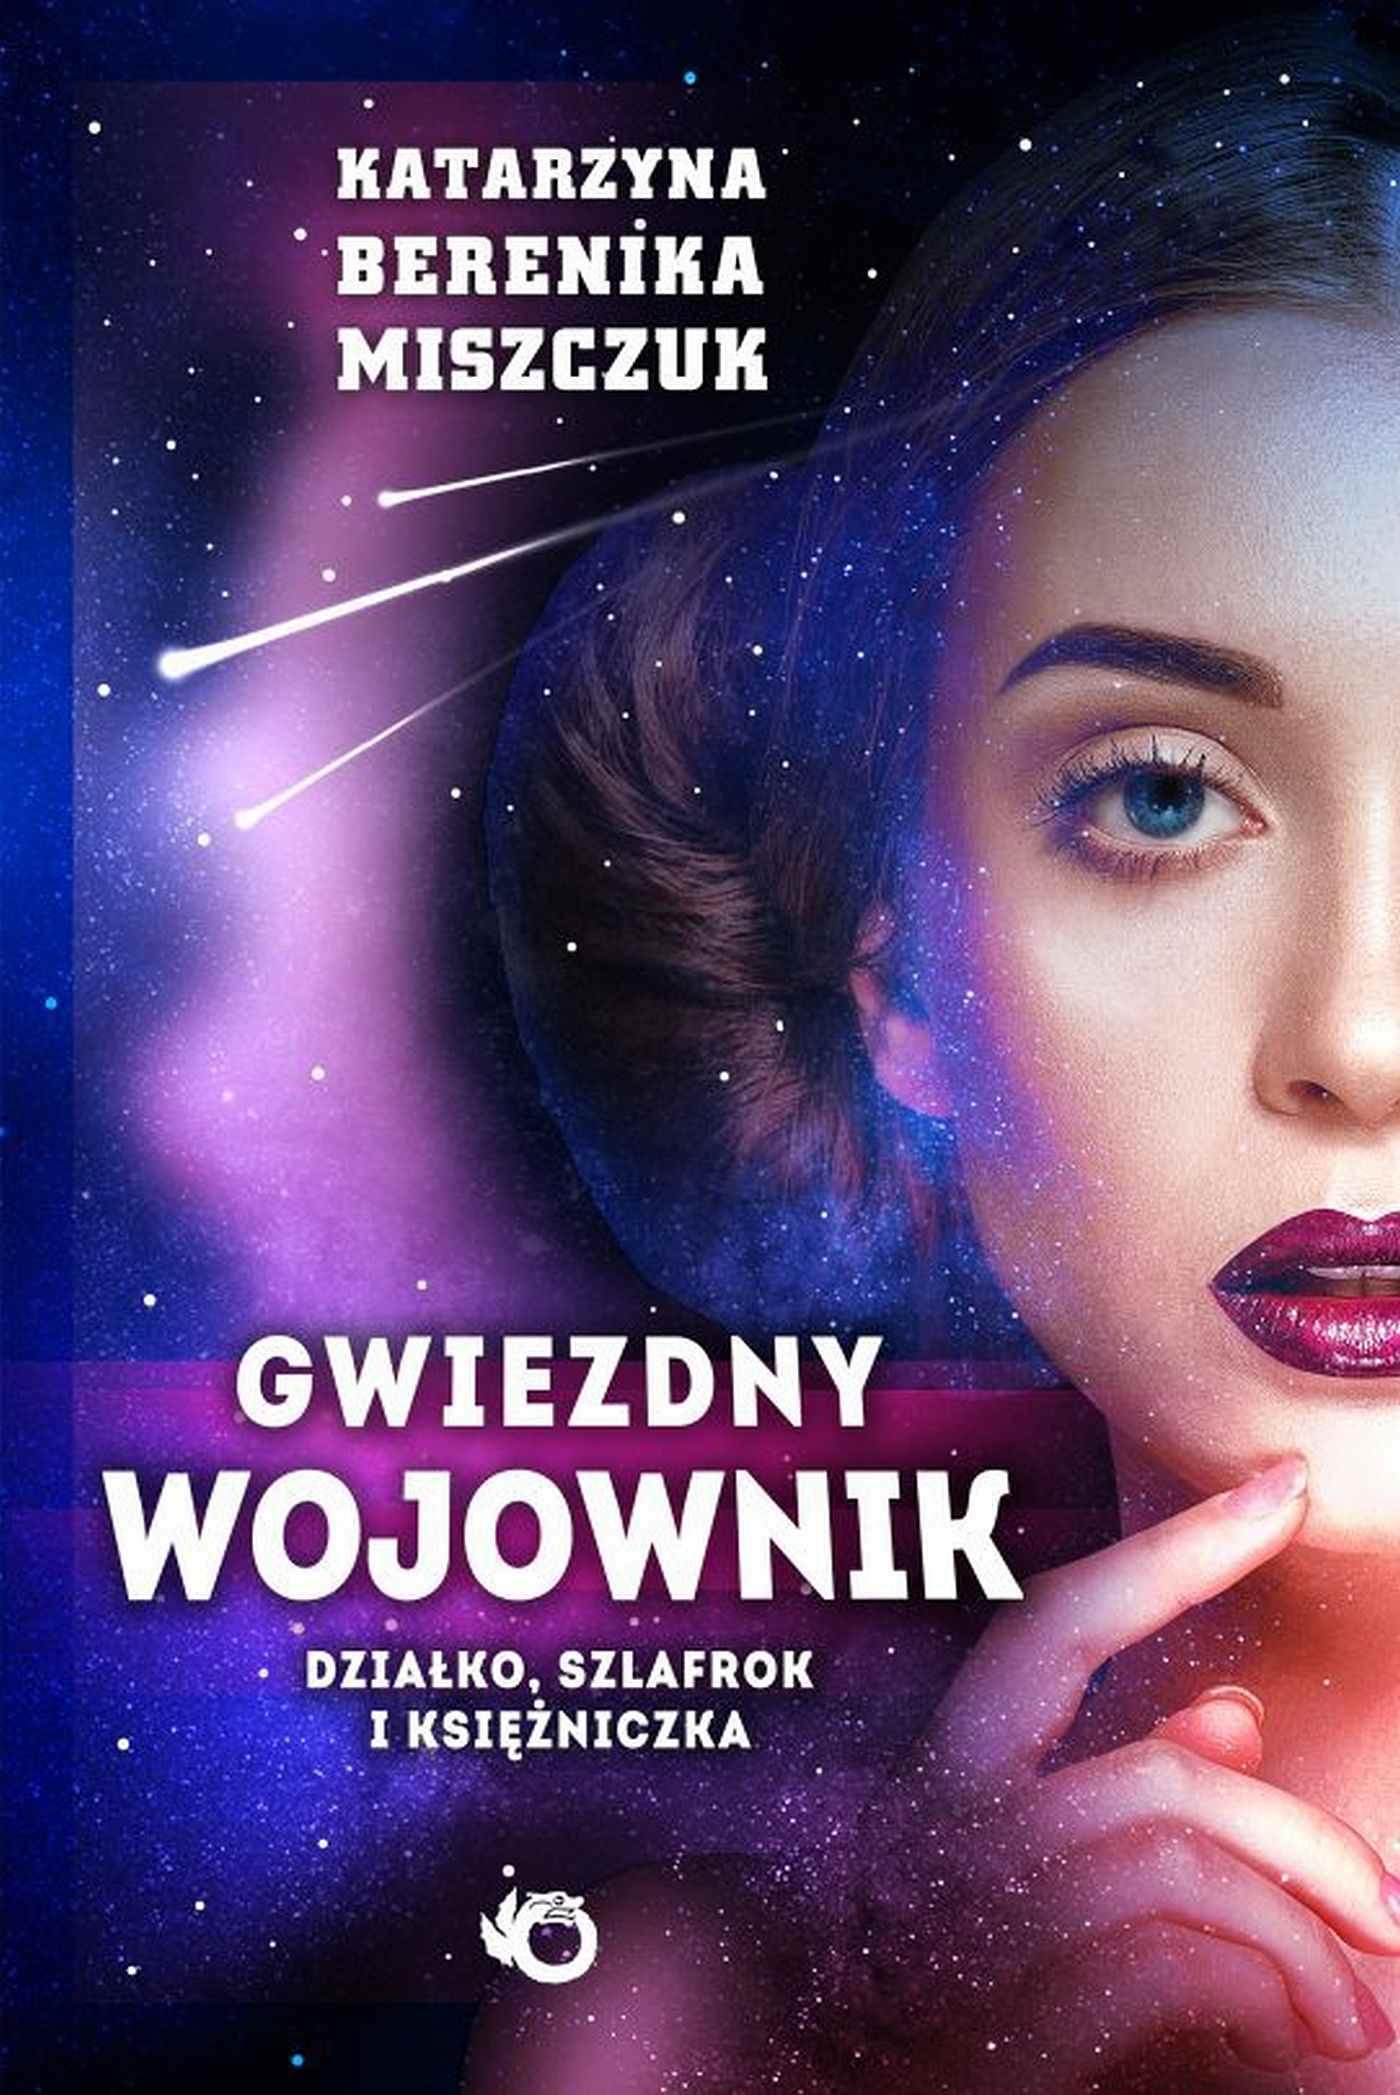 Gwiezdny wojownik. Działko szlafrok i księżniczka - Ebook (Książka EPUB) do pobrania w formacie EPUB